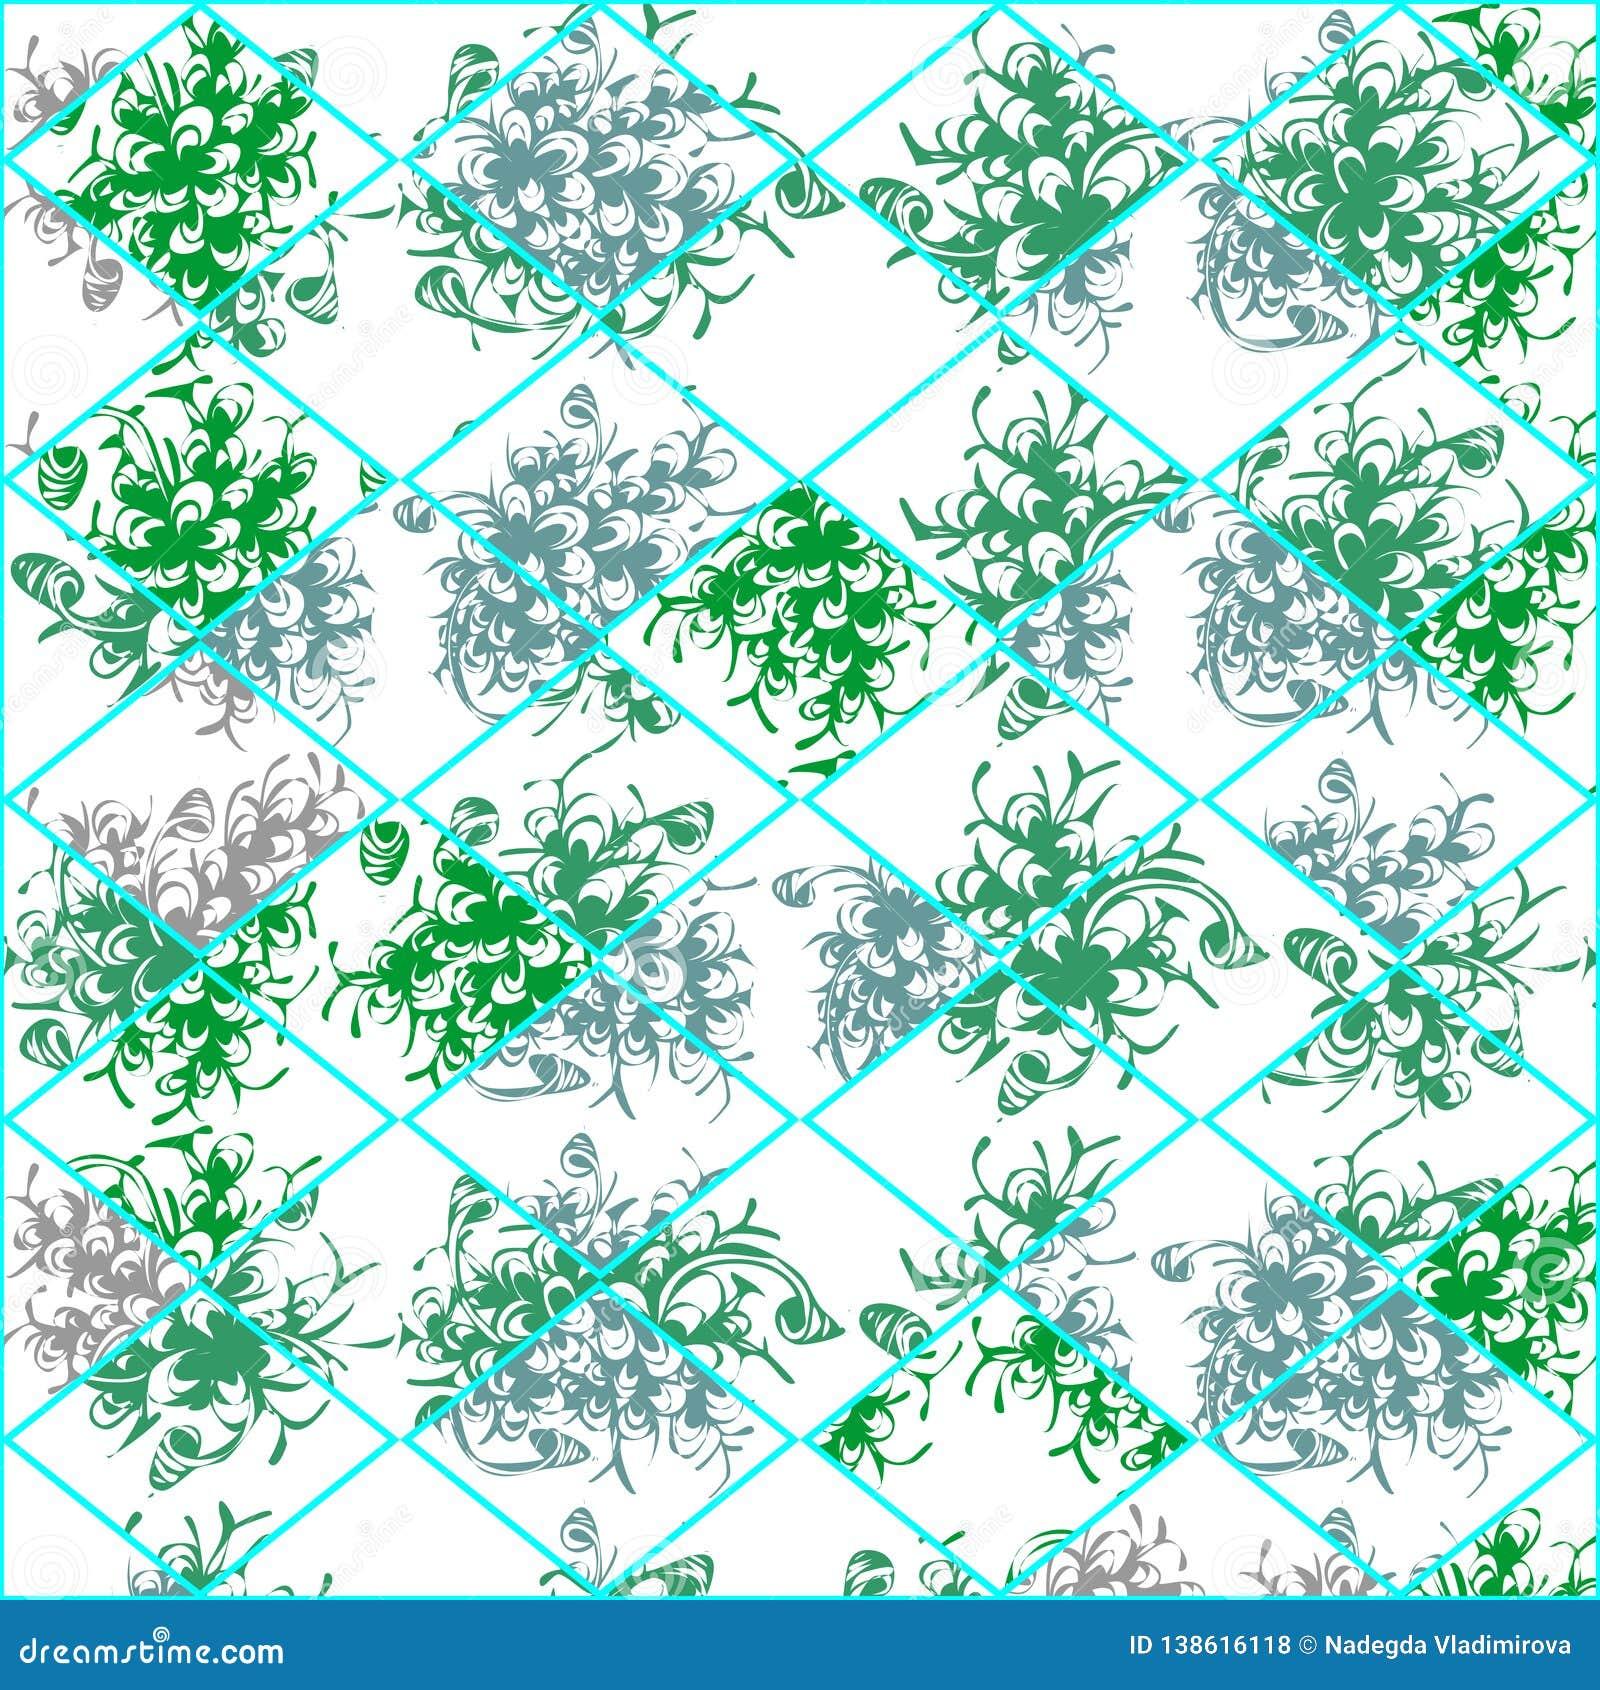 Dessin de vecteur des feuilles vertes des usines, texture florale fraîche